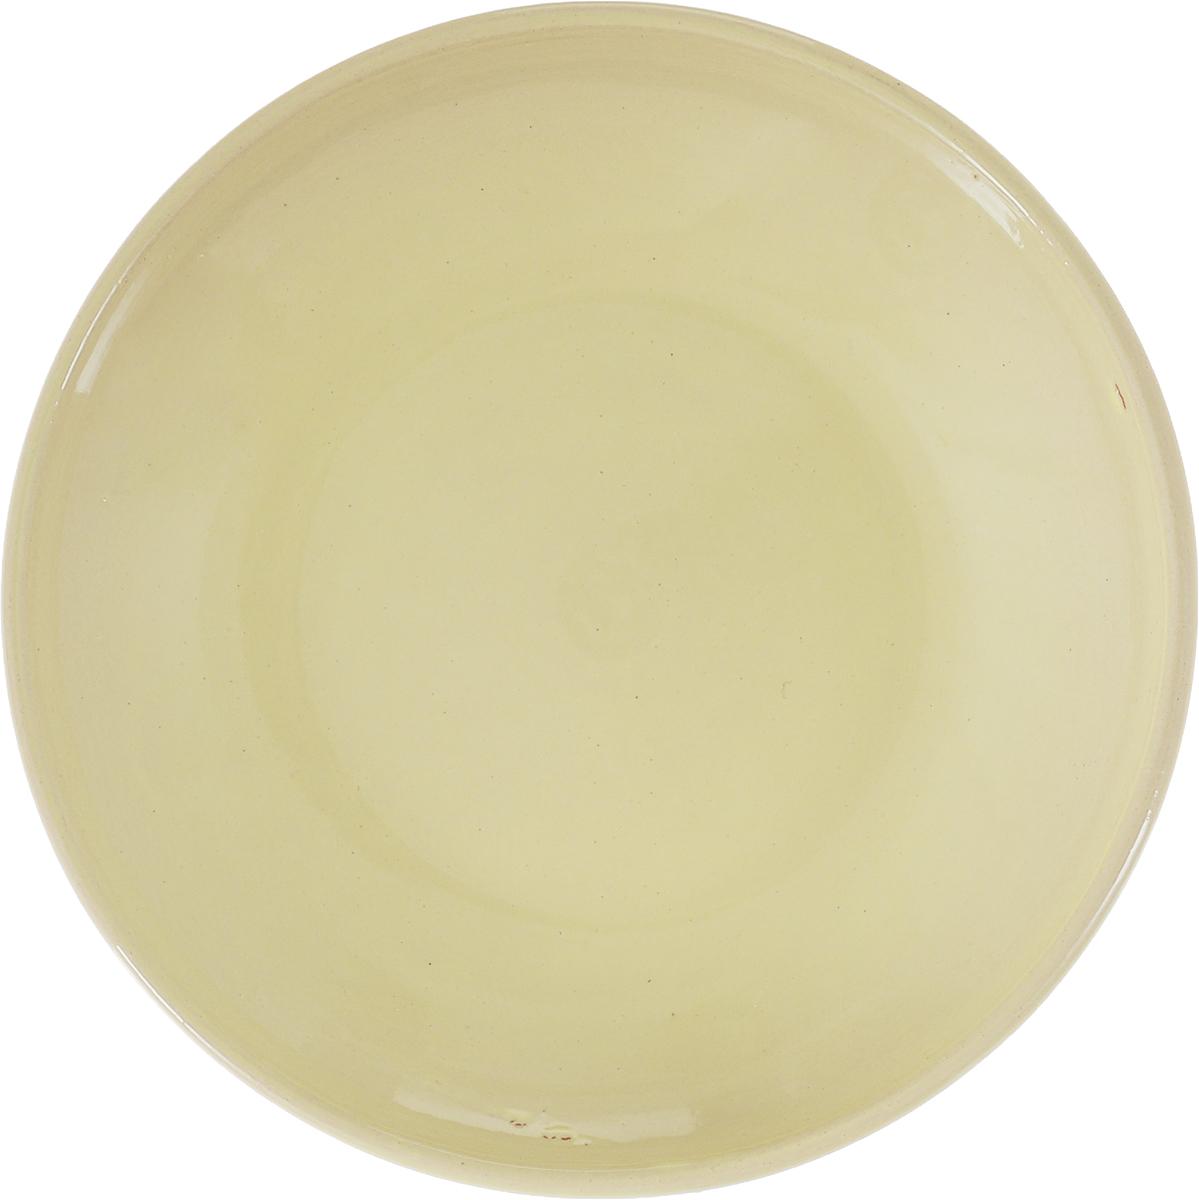 Фото - Блюдце Борисовская керамика Радуга, цвет: песочно-желтый, диаметр 10 см блюдце борисовская керамика радуга цвет темно серый диаметр 10 см